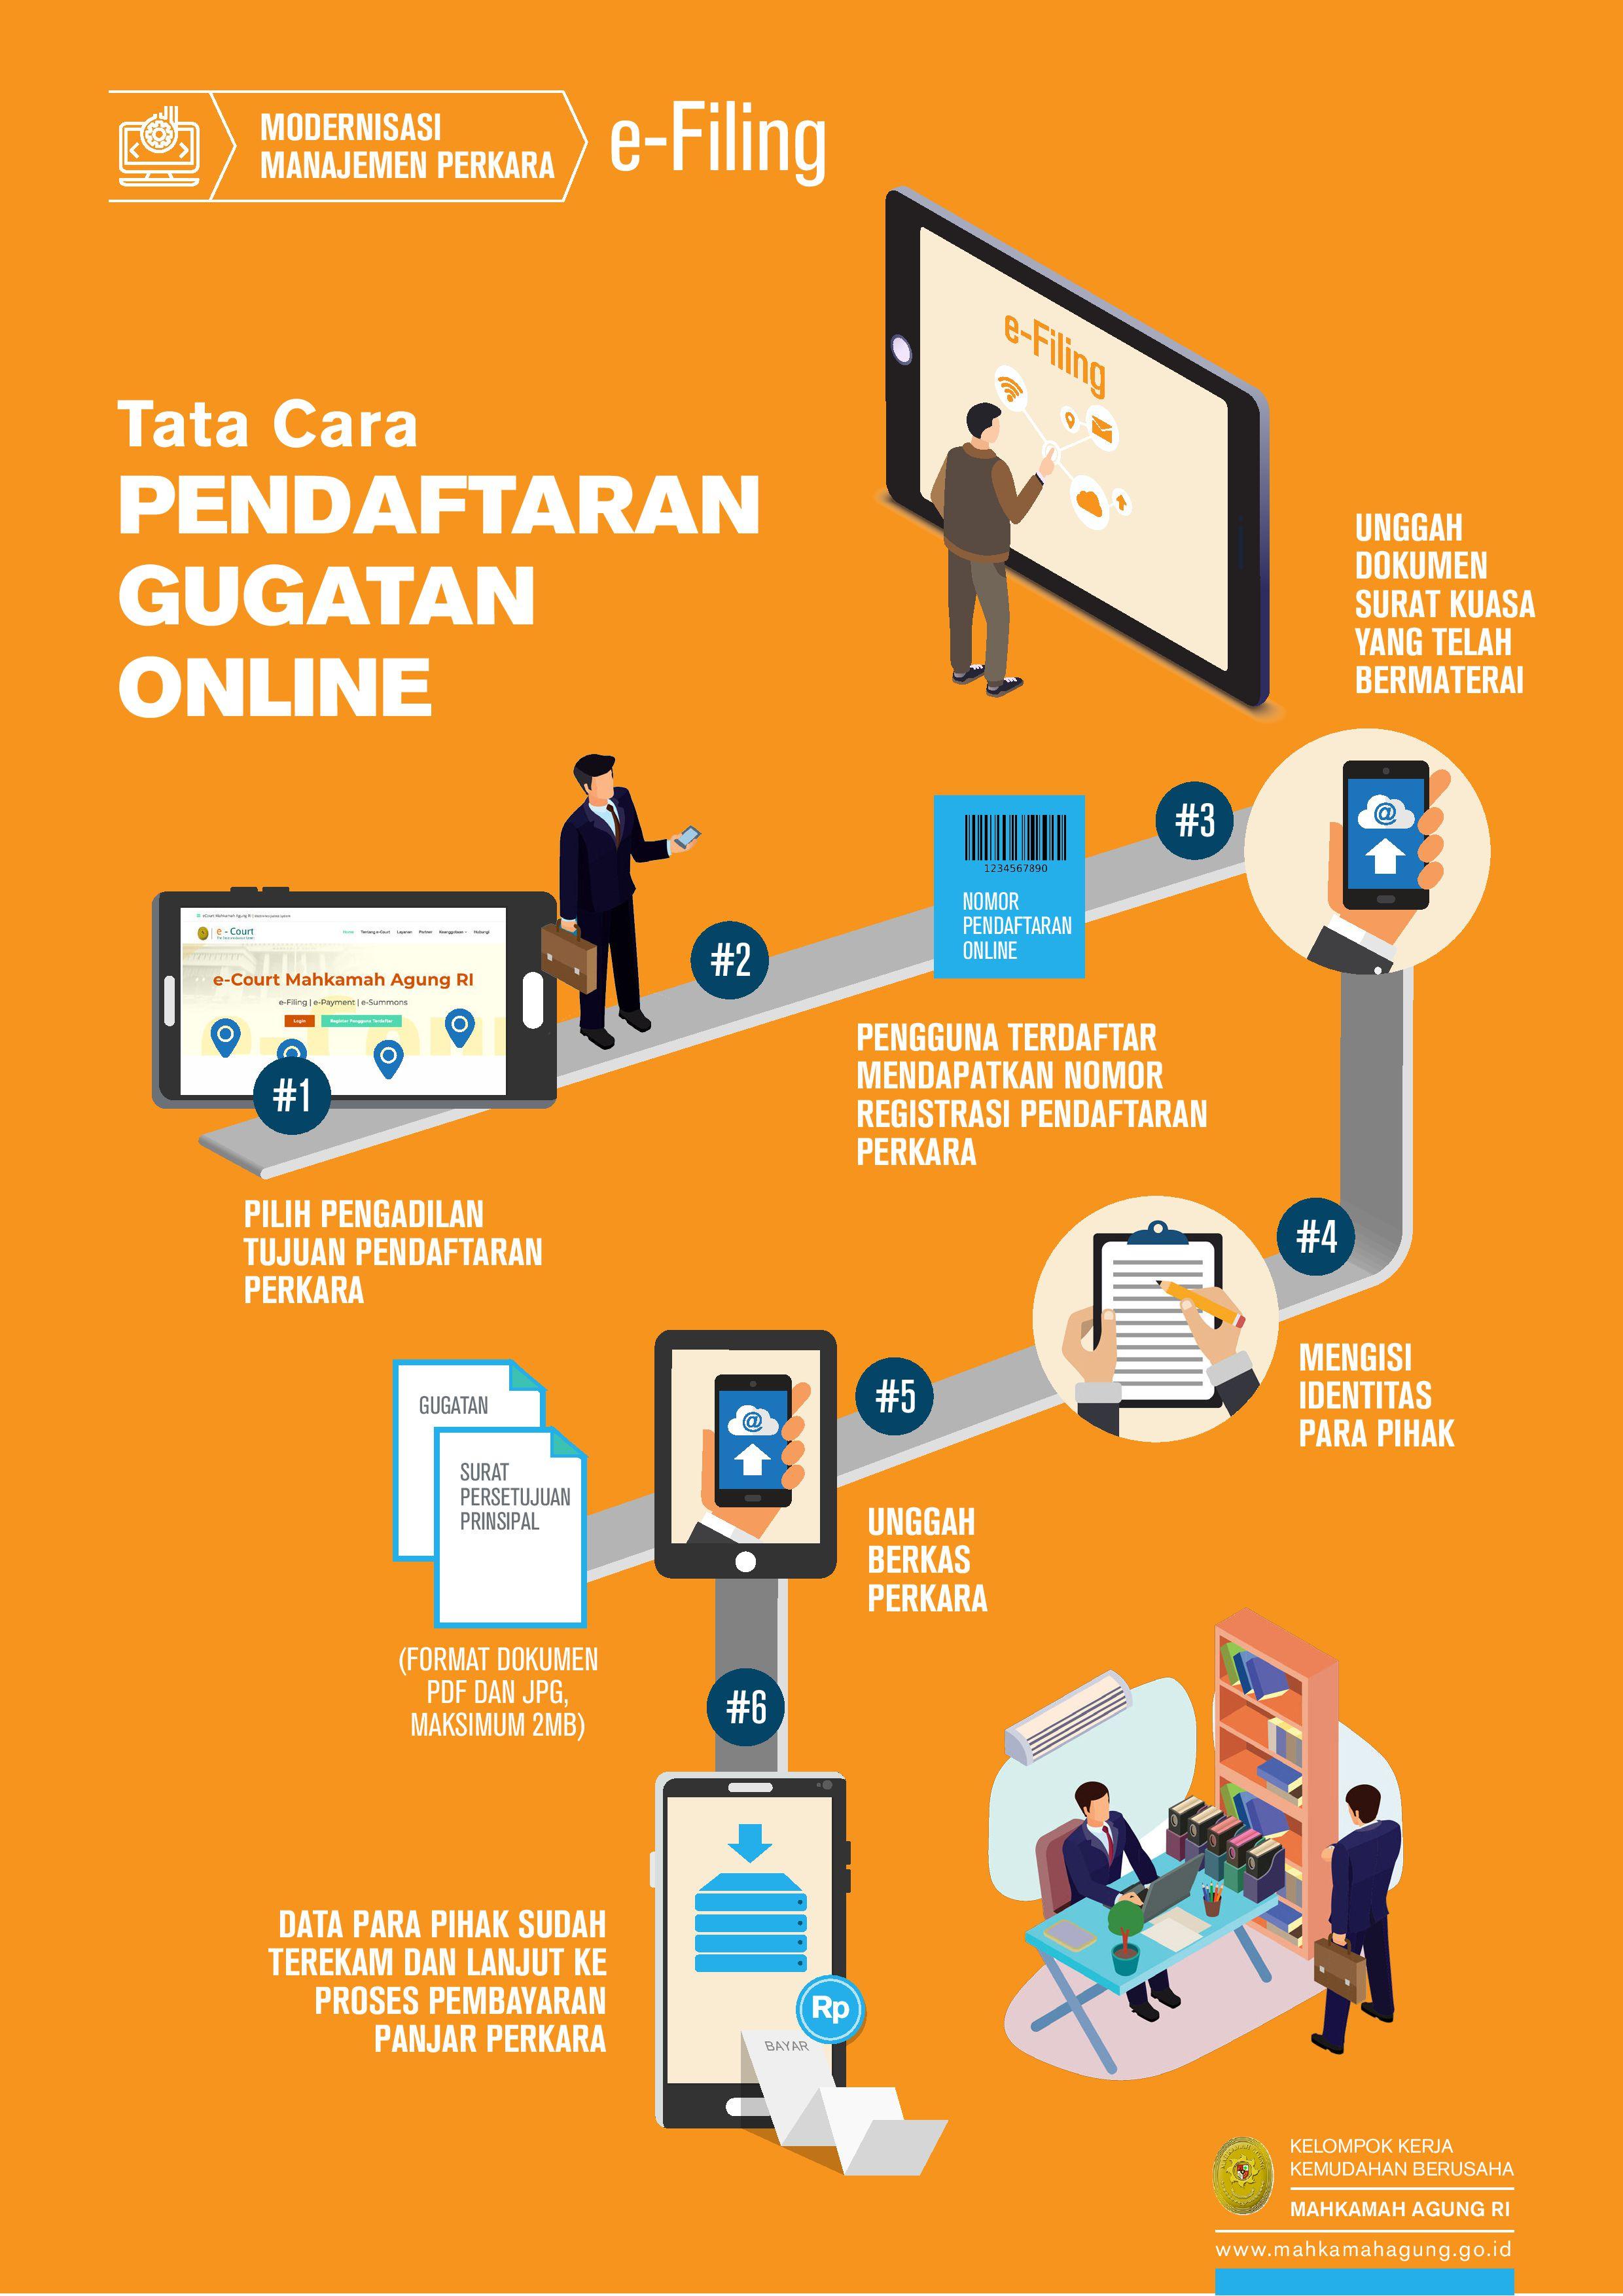 Infographic-Pembaruan_Peradilan-MA-Compiled_2020_07